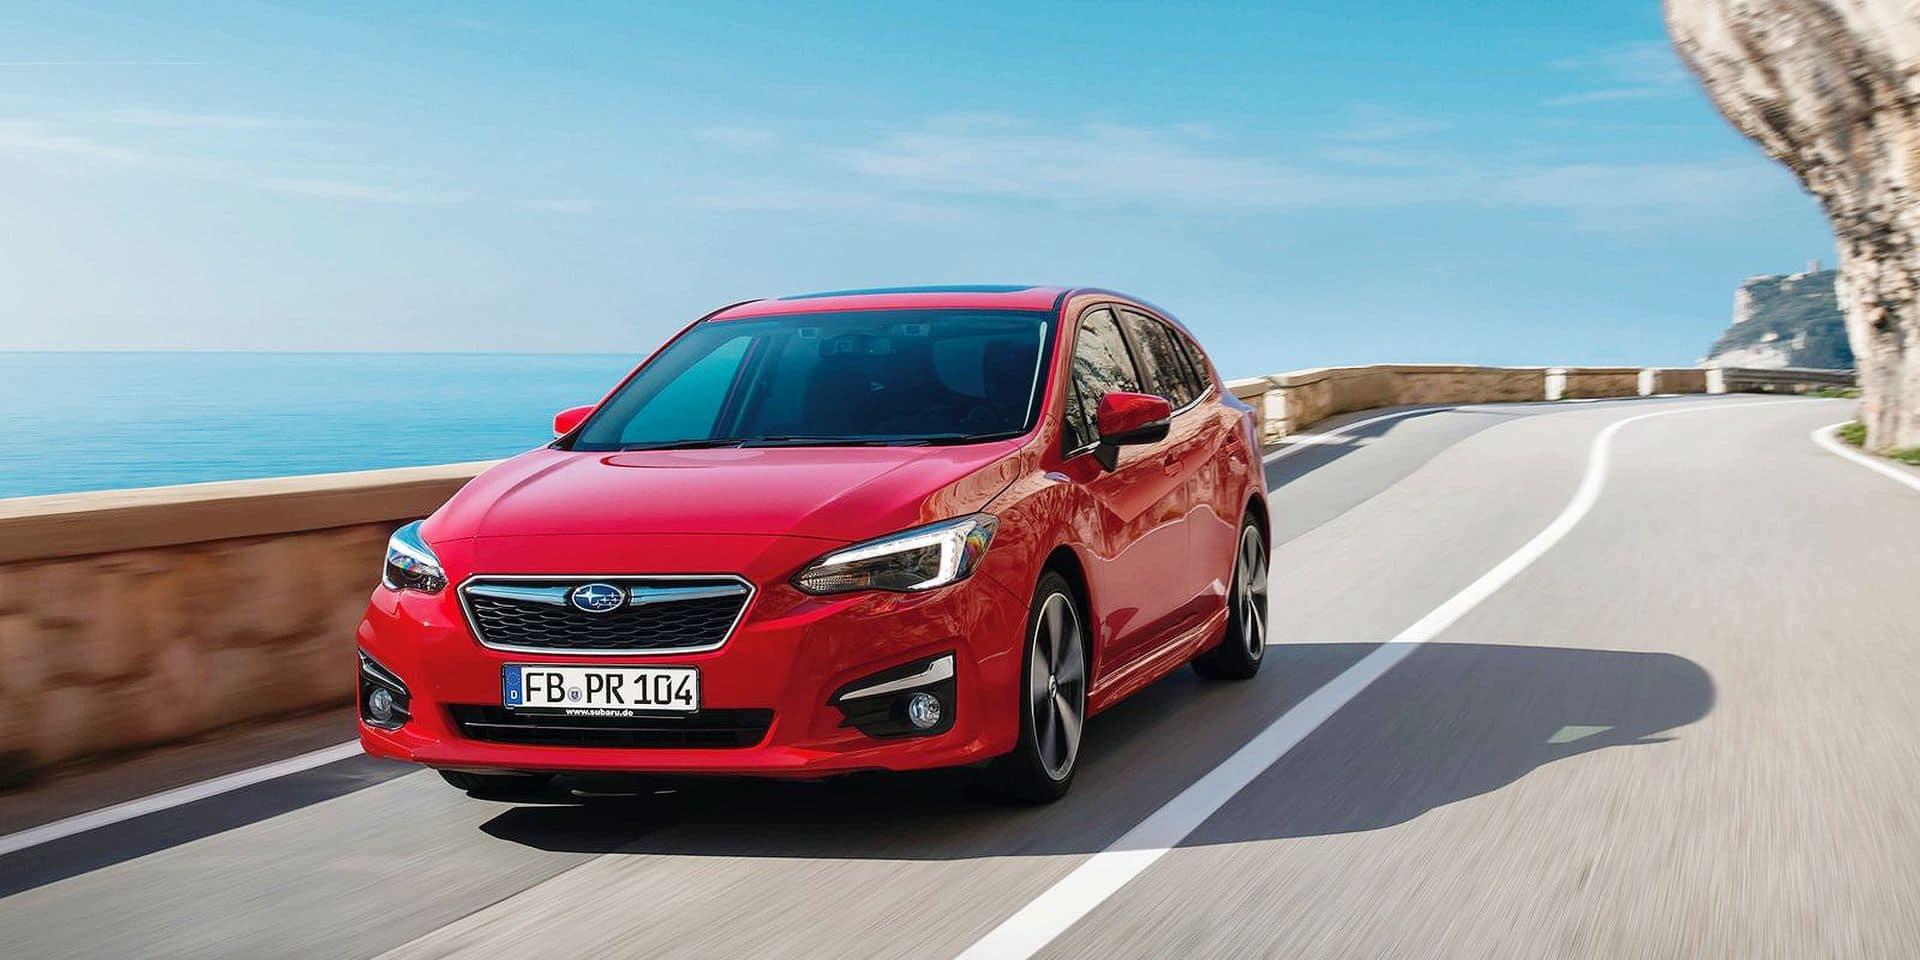 Essai Auto : nouvelle Subaru Impreza, plus rien à voir avec sa devancière